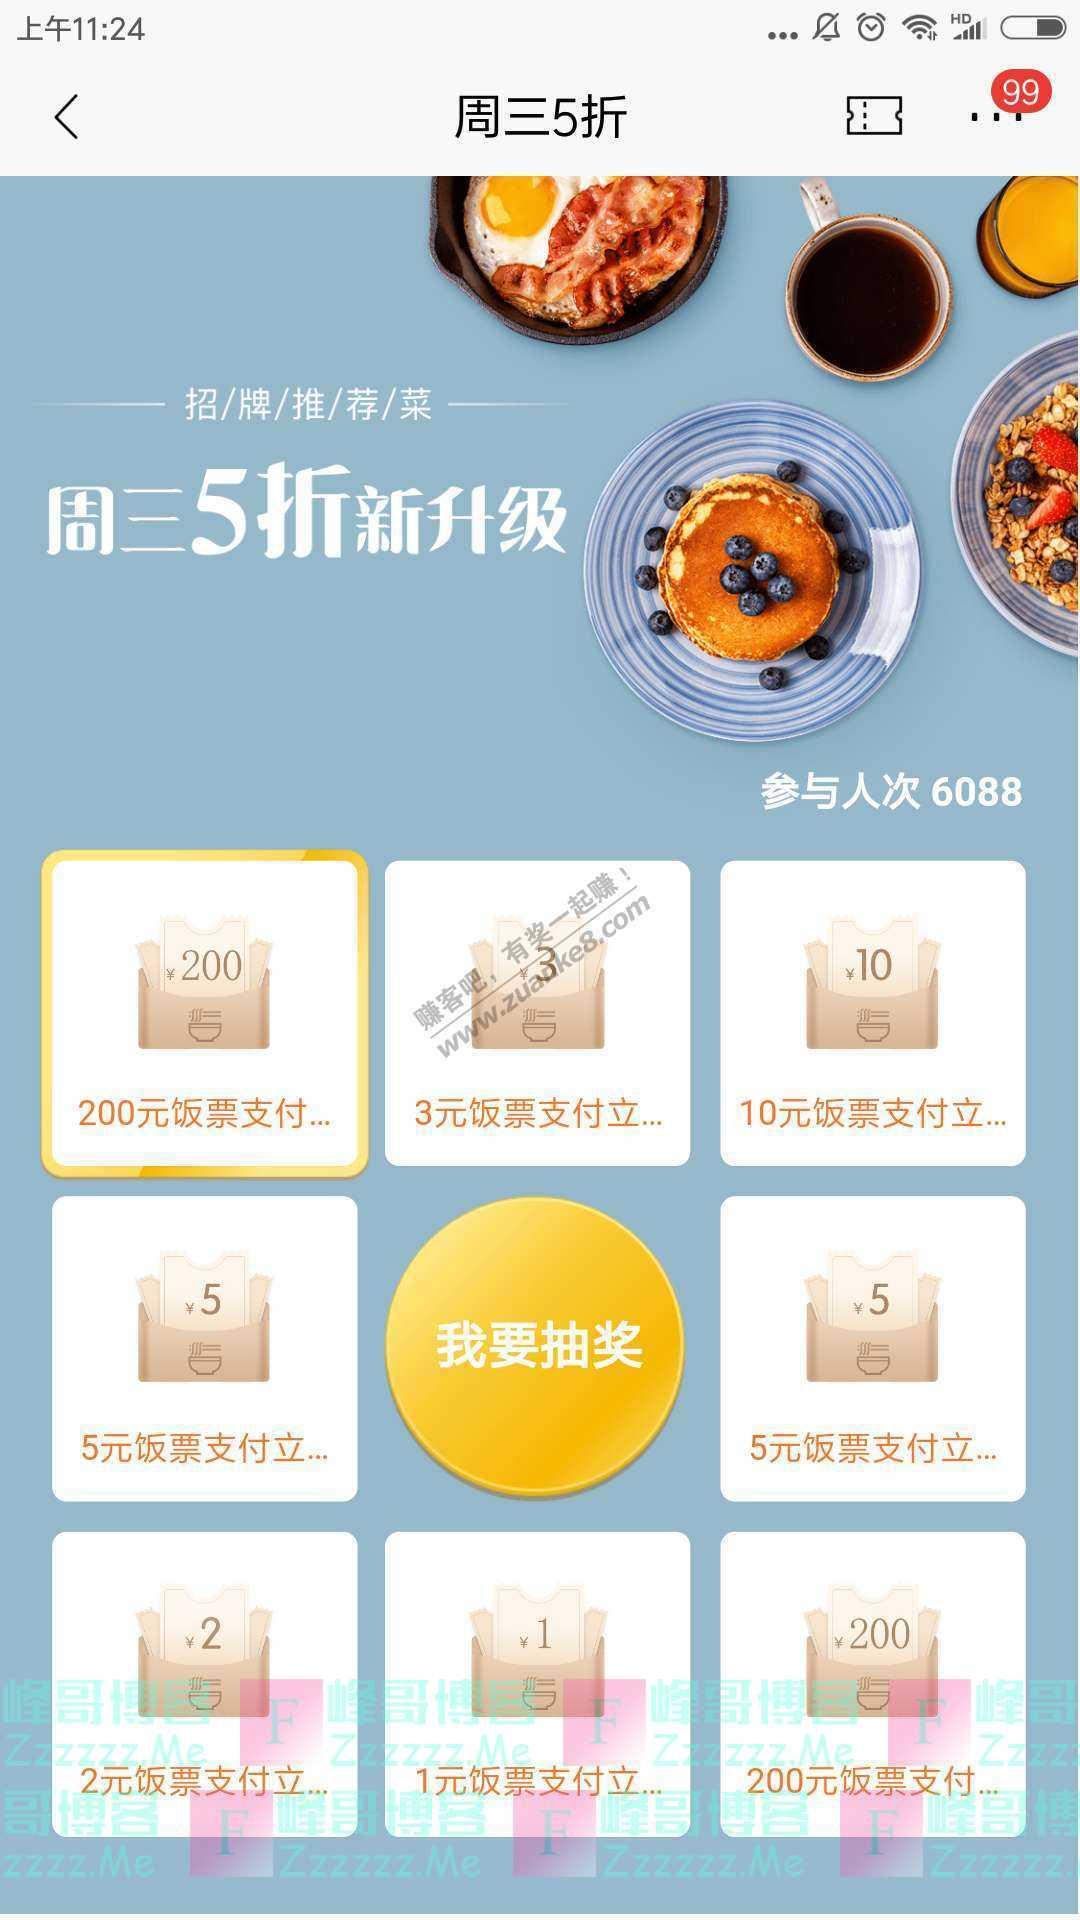 招商银行app周三5折新升级(截止11月4日)